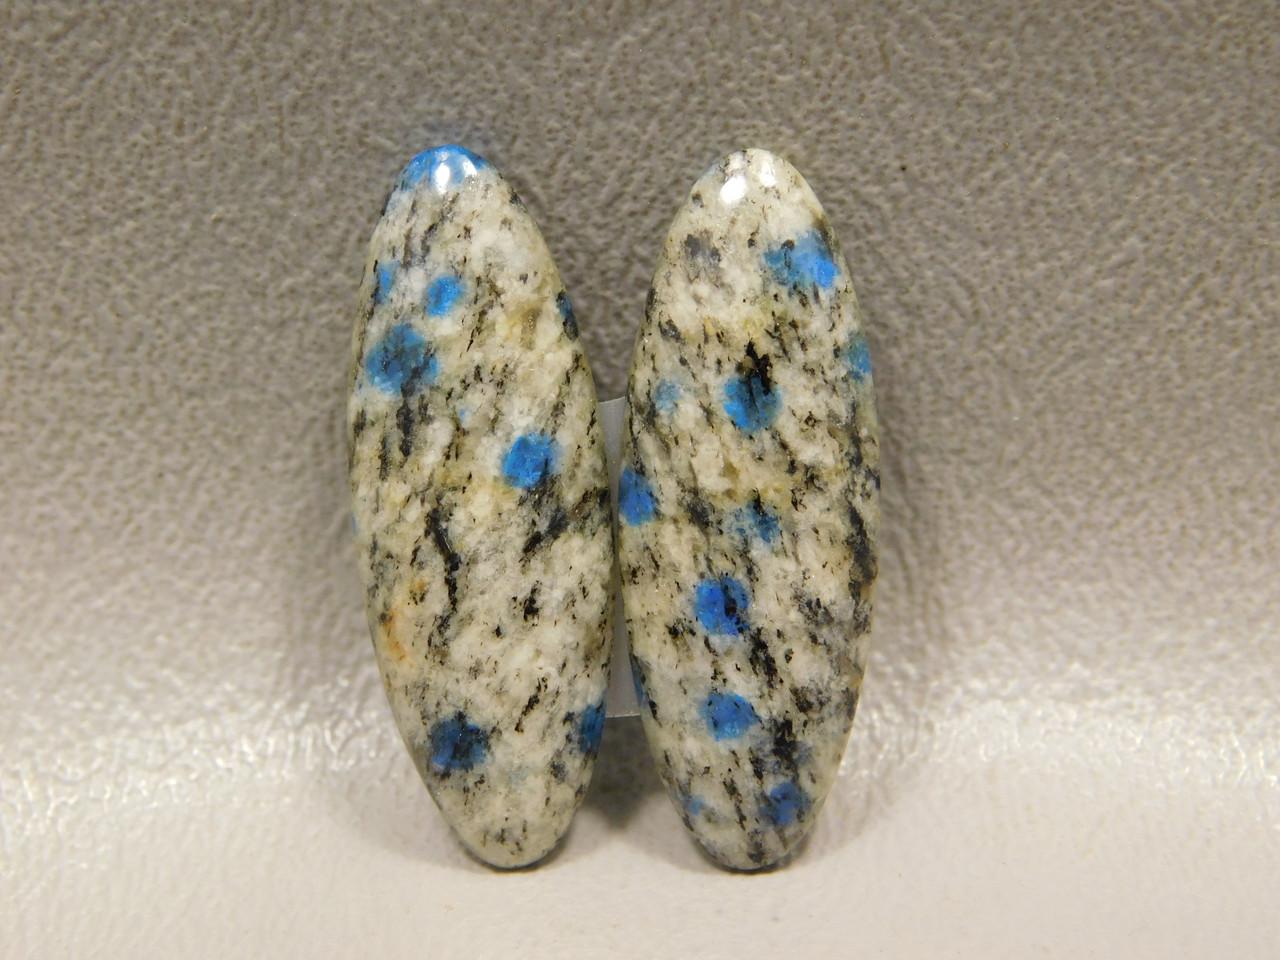 Cabochons K2 Custom Cut Stones Designer Matched Pairs Gemstones #14